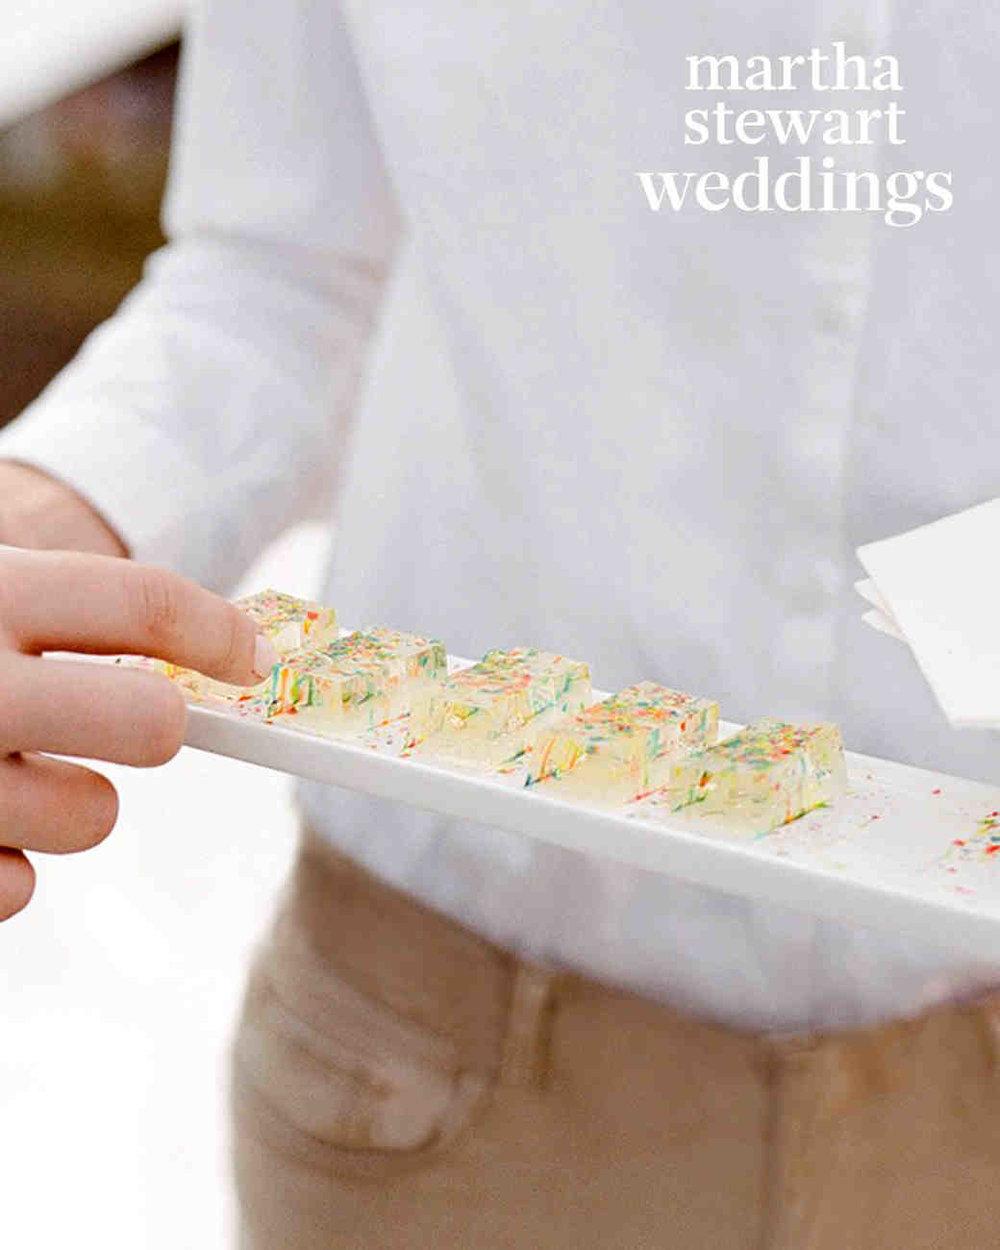 samira-wiley-lauren-morelli-wedding-jelloshots-225-6328713-103018697_vert.jpg